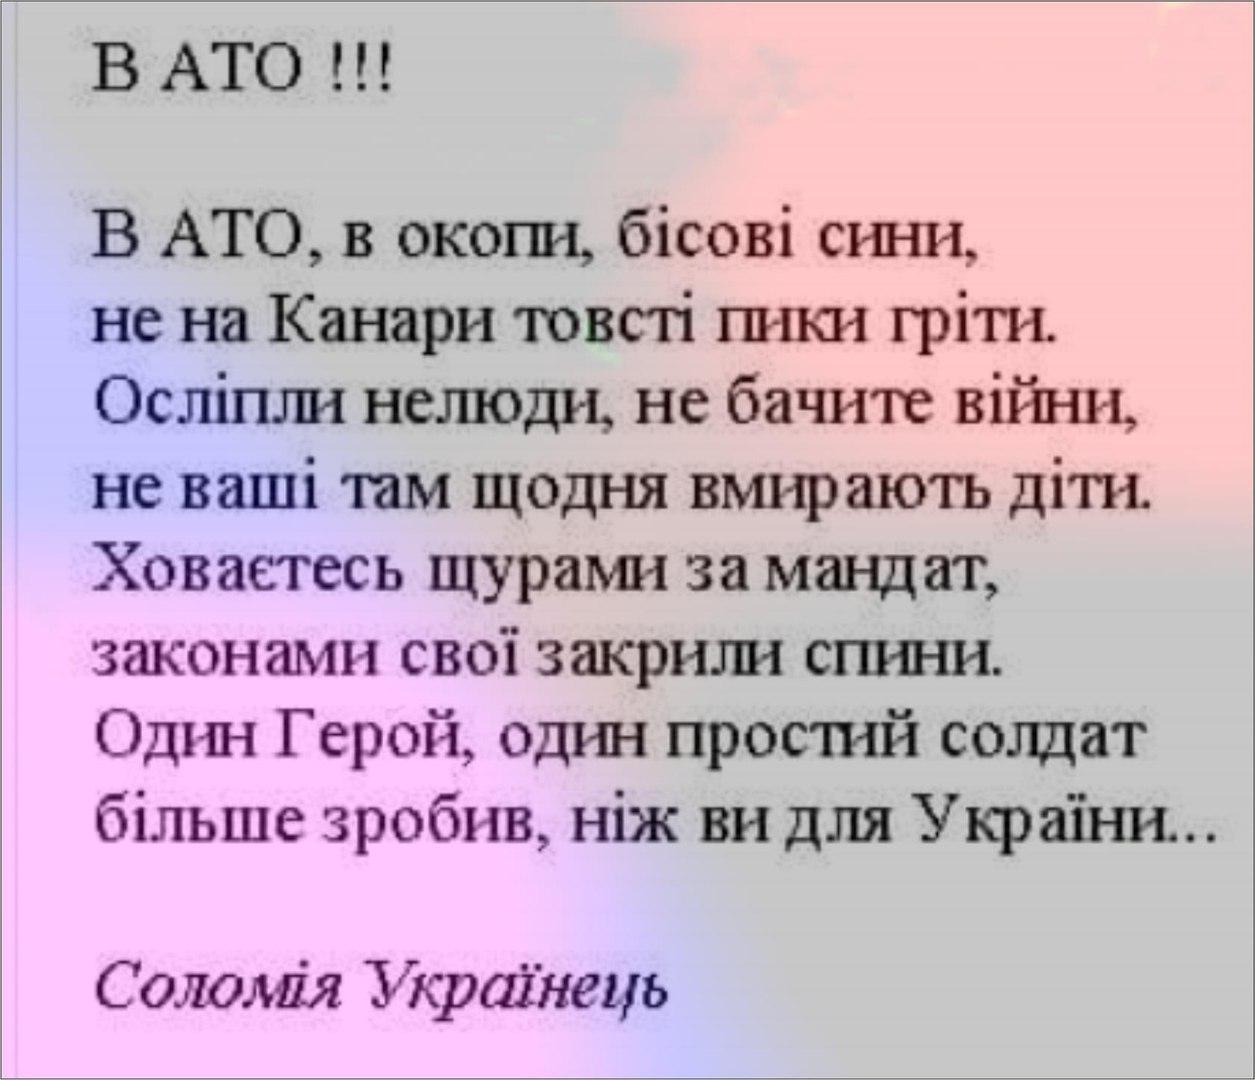 """""""Мы будем бороться за их скорейшее освобождение"""": Порошенко встретился с семьями пленных украинцев - Цензор.НЕТ 3951"""